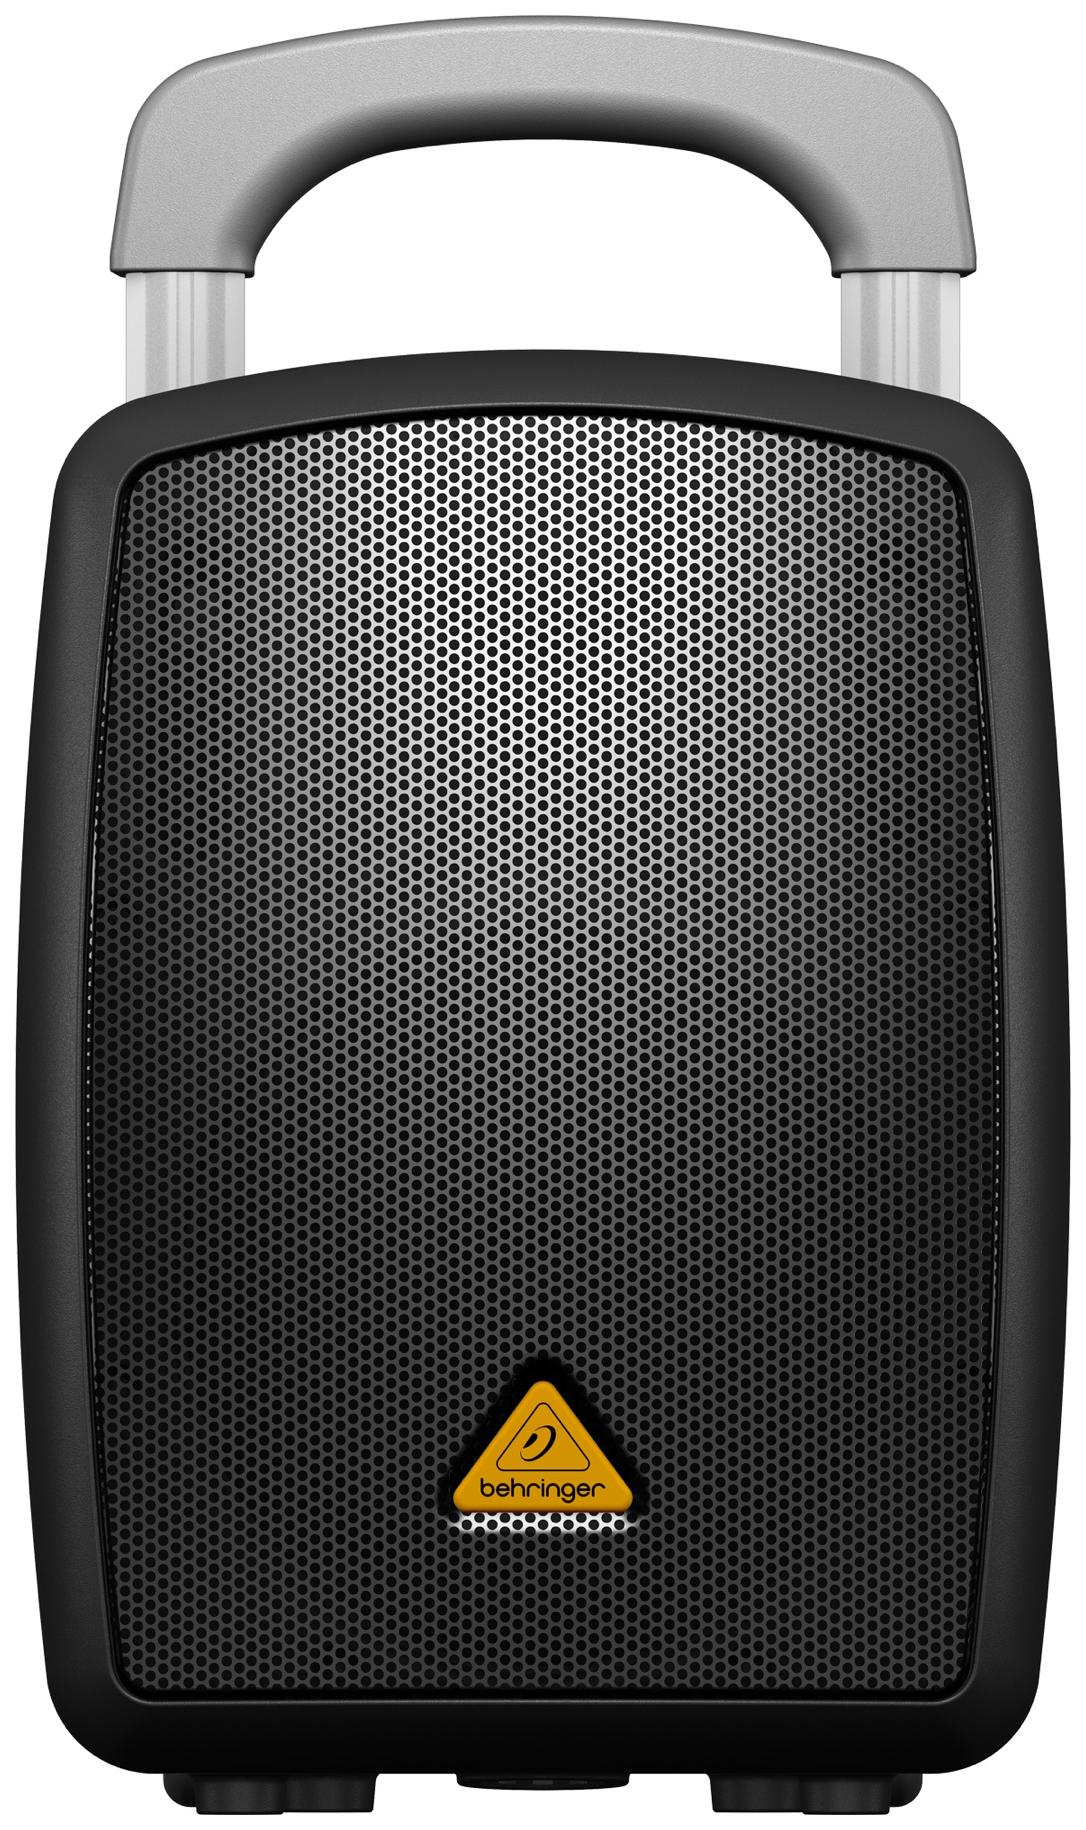 Беспроводная акустика Behringer Europort MPA40BT PRO Black